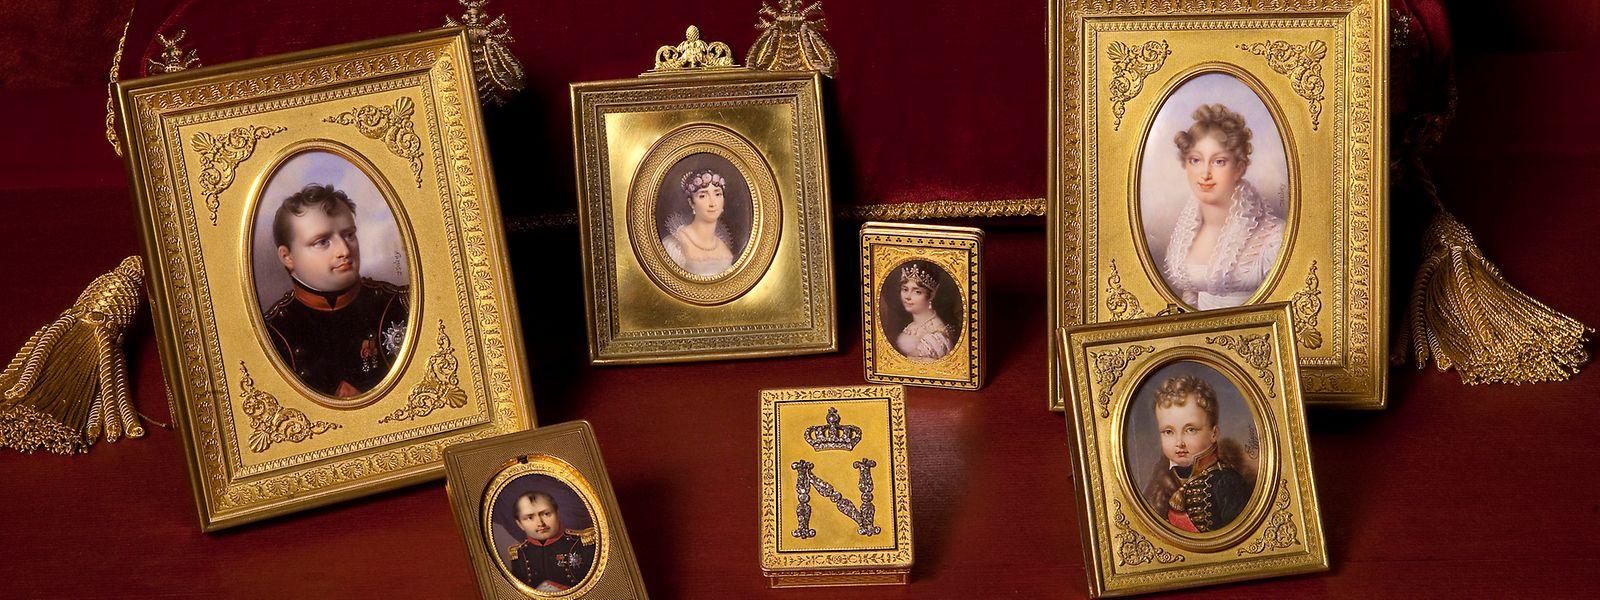 Napoleon ließ sich selbst vielfach porträtieren und nahm auch Familienporträts mit auf Reisen.